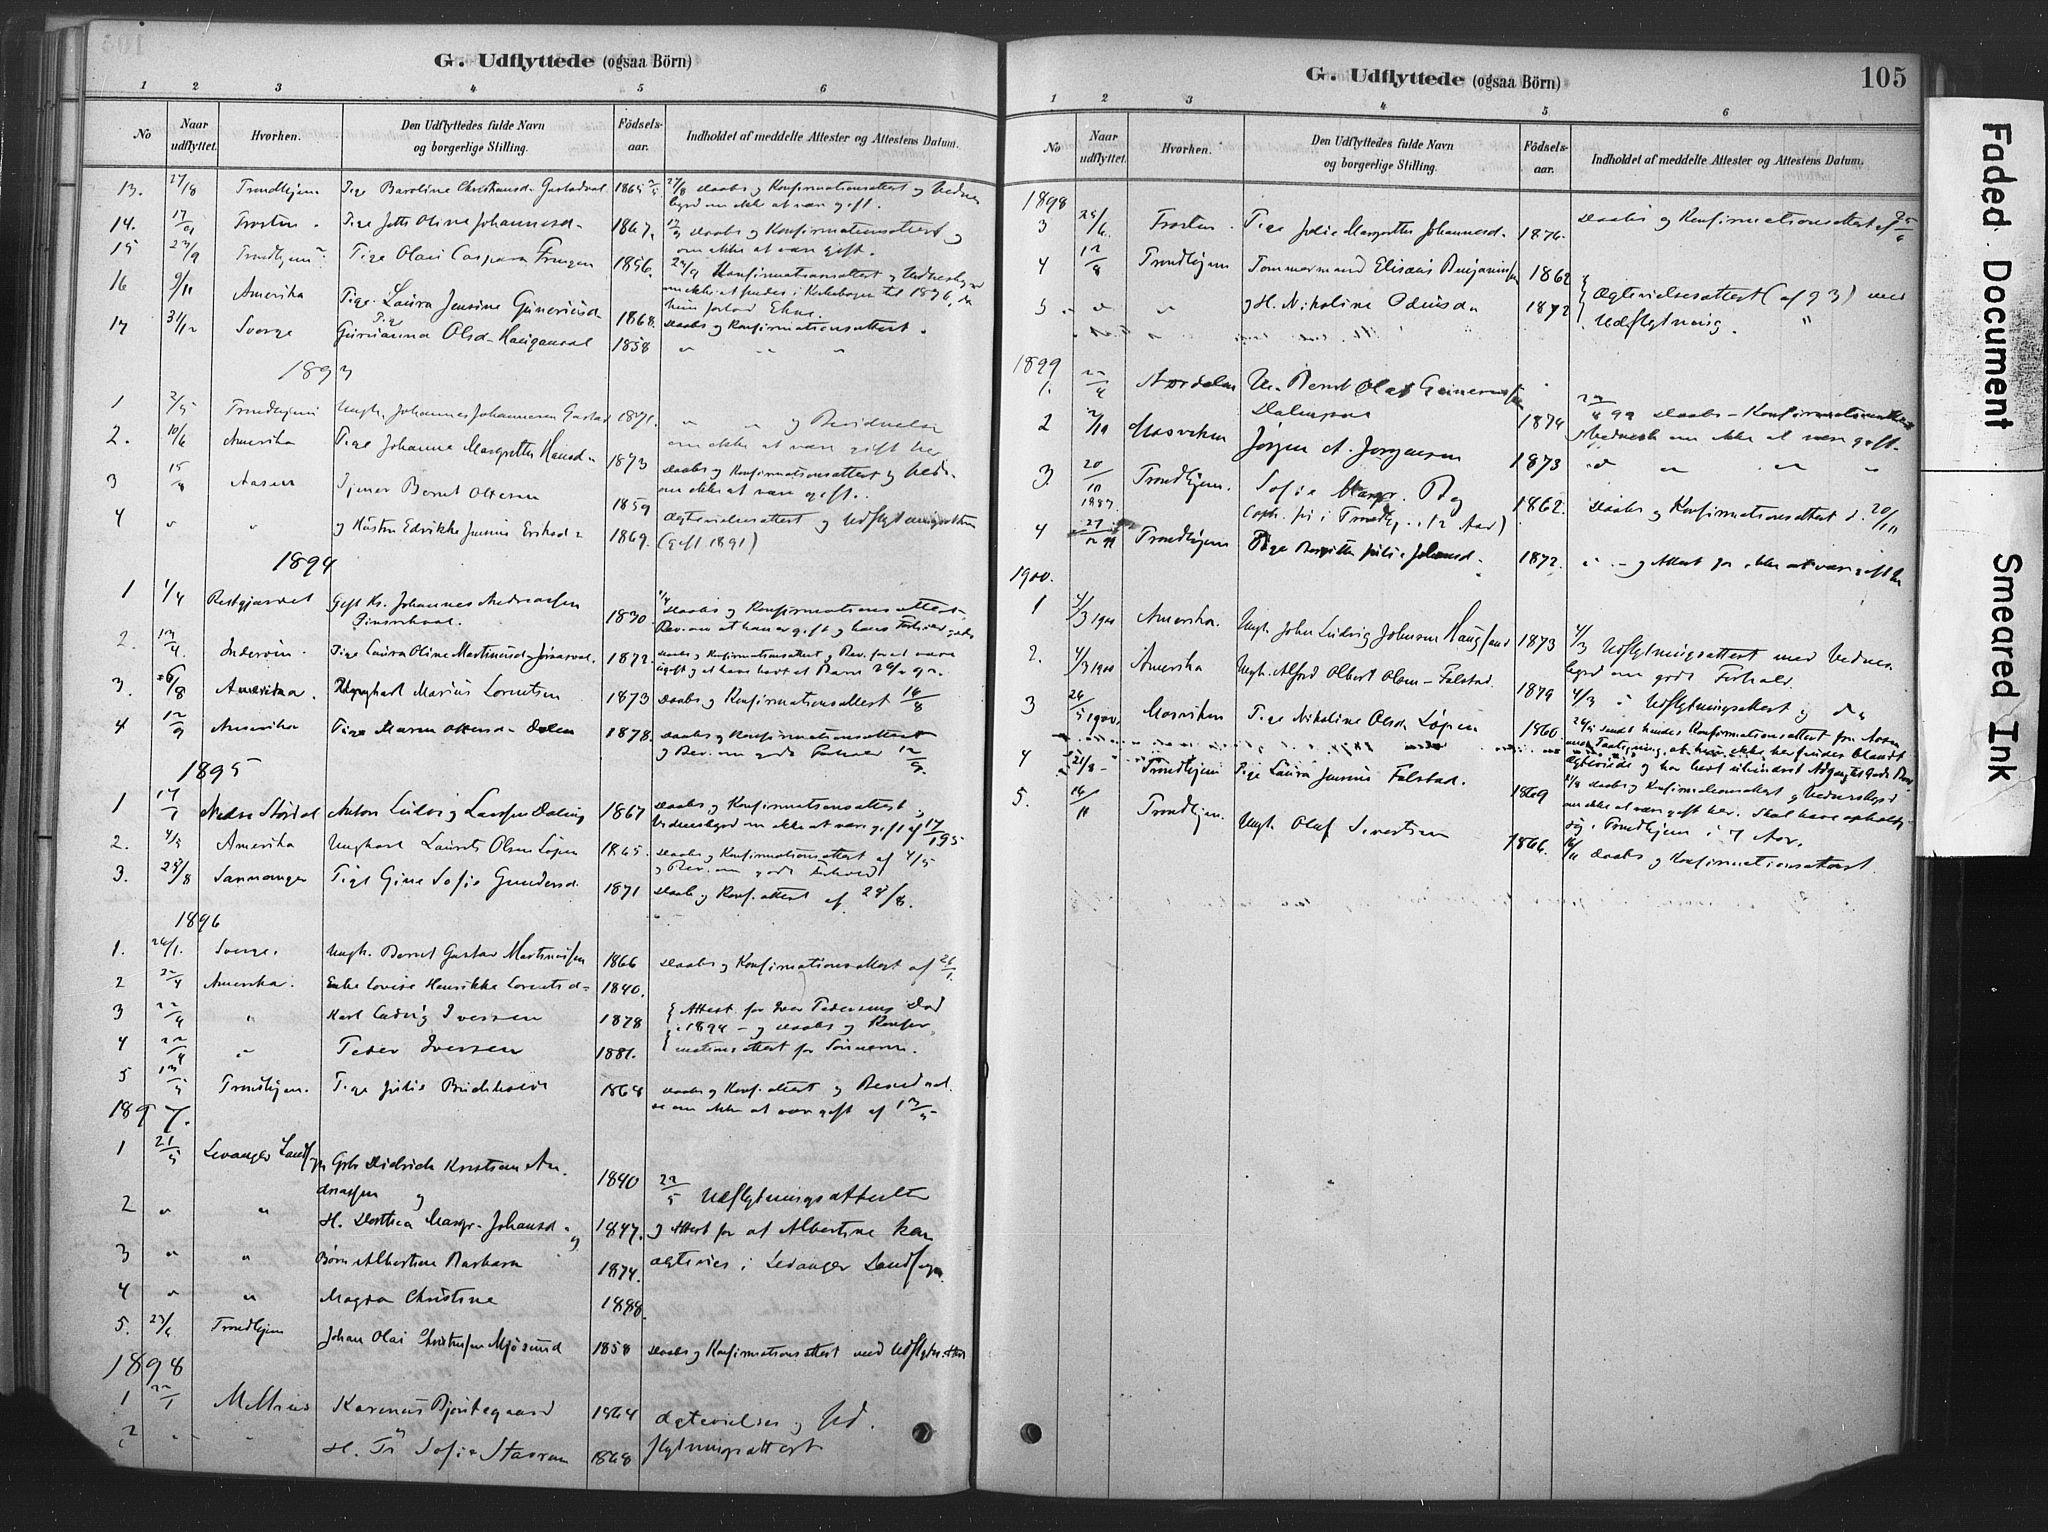 SAT, Ministerialprotokoller, klokkerbøker og fødselsregistre - Nord-Trøndelag, 719/L0178: Ministerialbok nr. 719A01, 1878-1900, s. 105